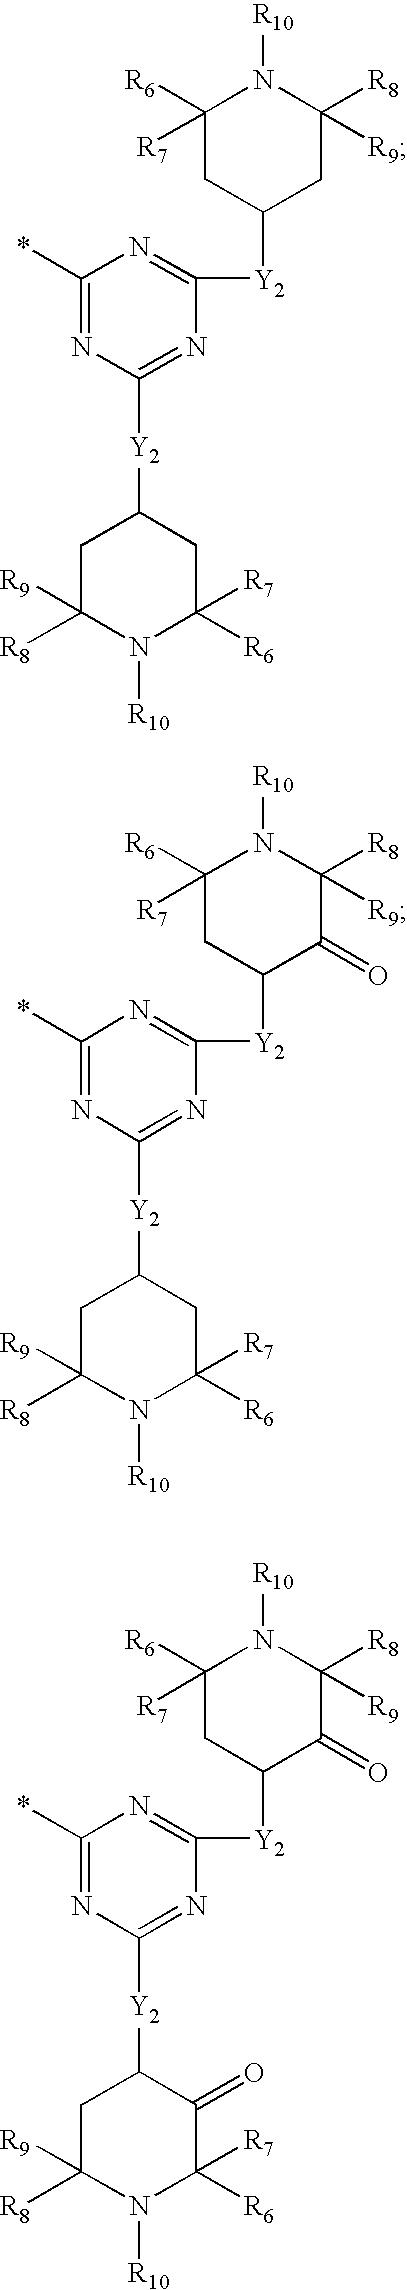 Figure US20040143041A1-20040722-C00055